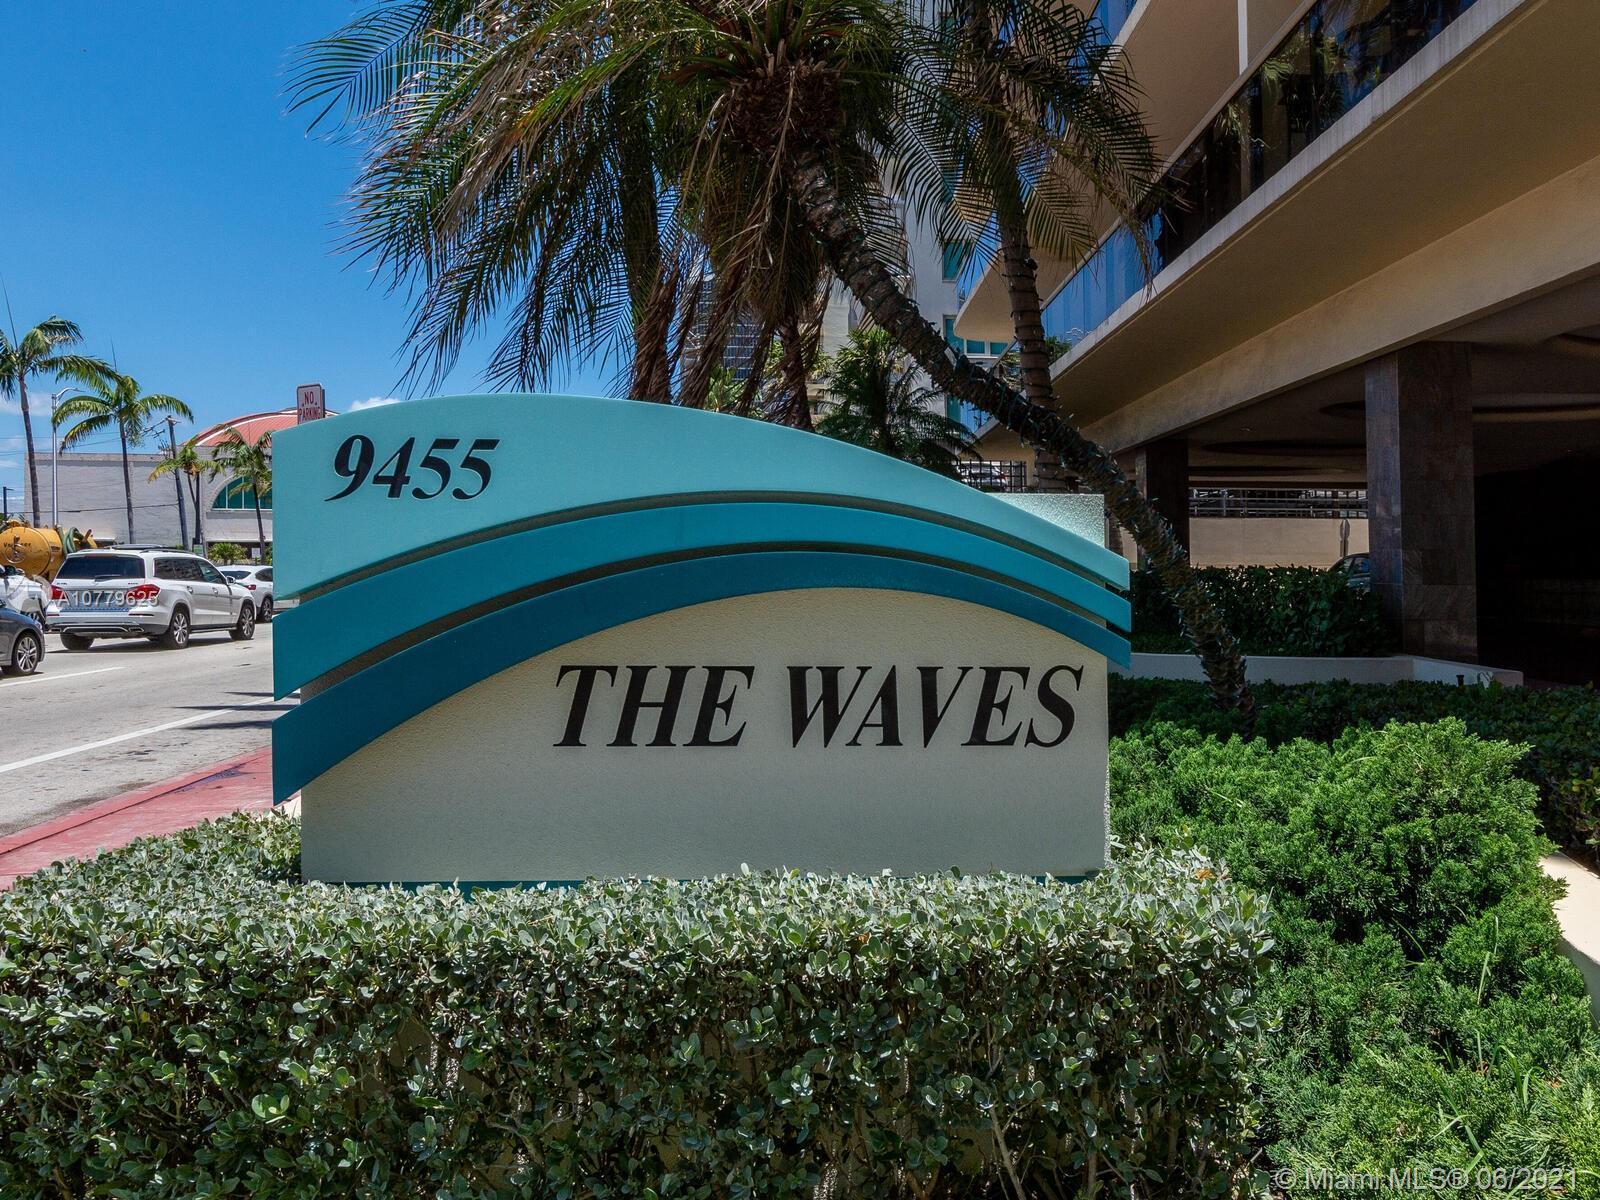 Waves - Квартиры на продажу в Surfside